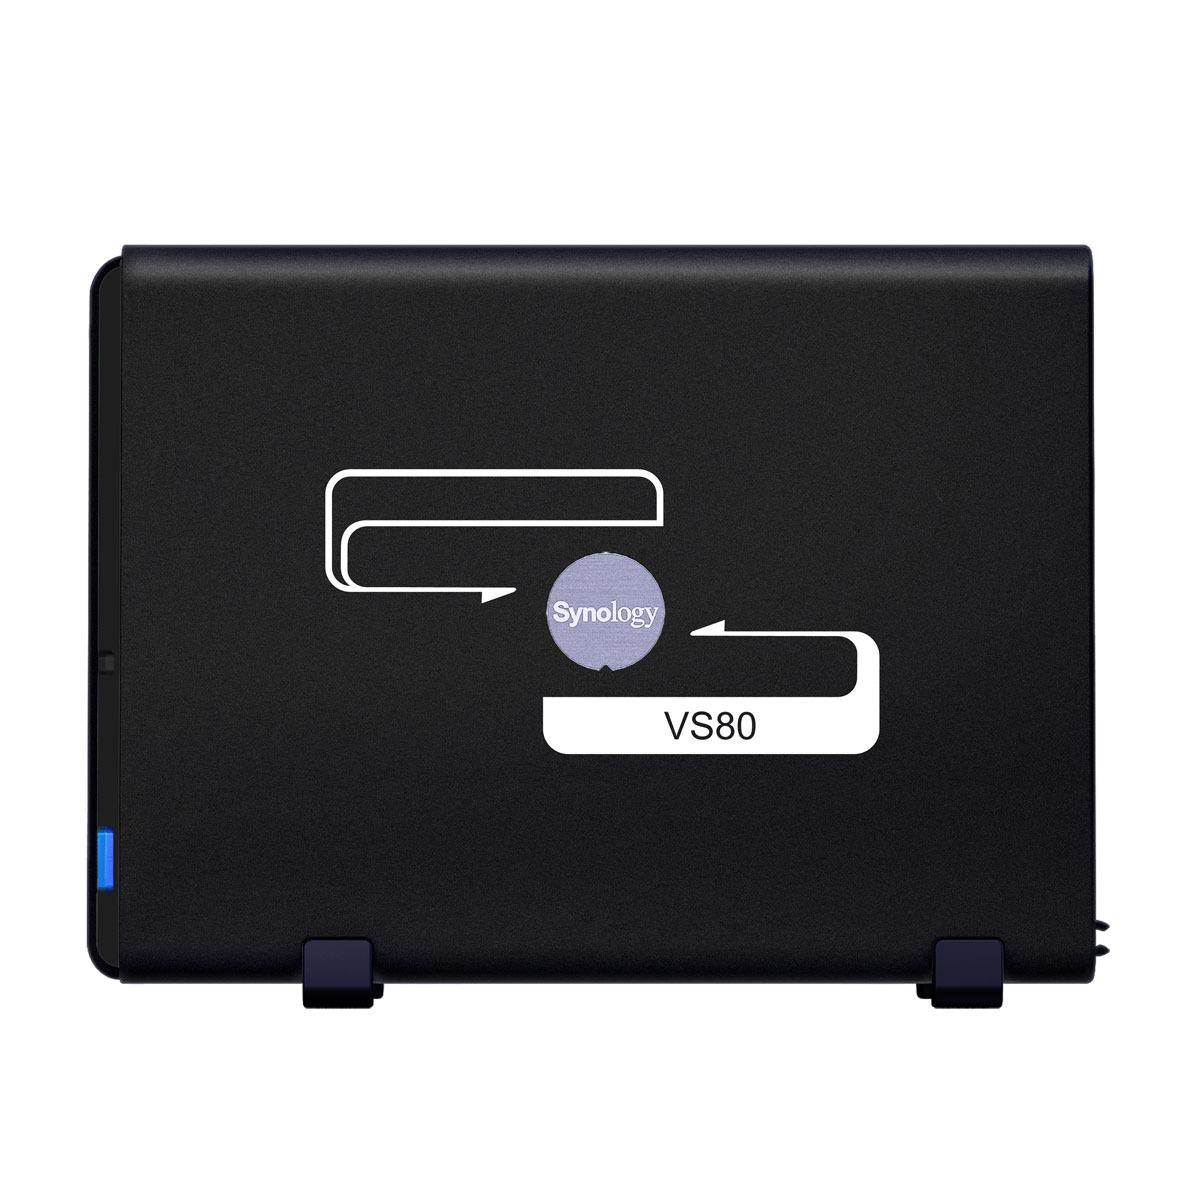 Serveur NAS Synology Visual Station VS80 Système de visualisation de réseau de vidéosurveillance